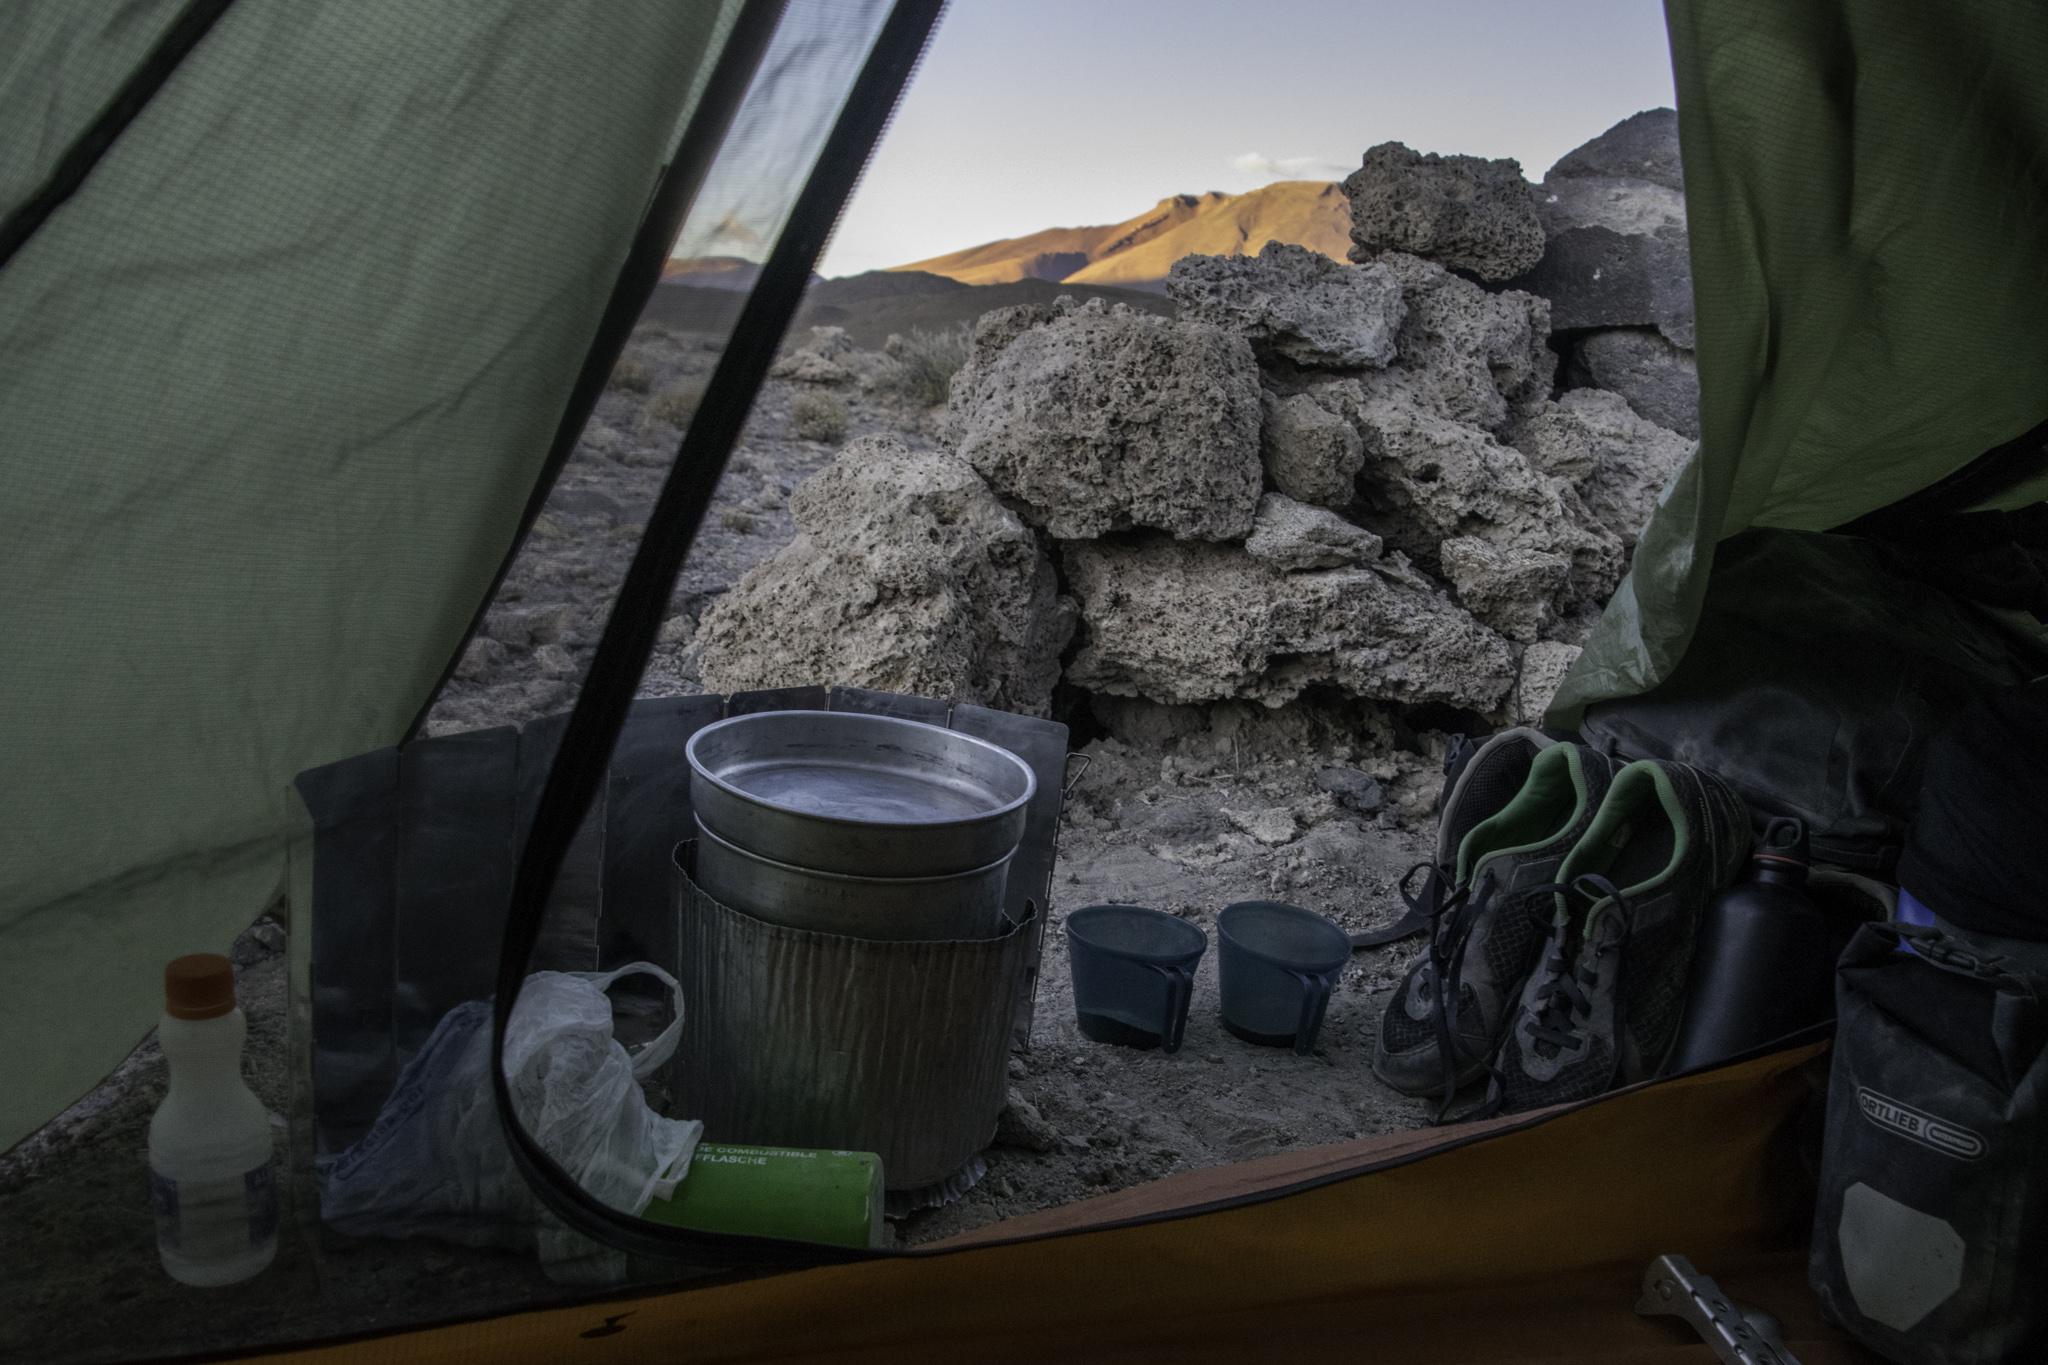 Wegen der Kälte kochten wir stets aus dem Zelt - hier Haferflocken zum Frühstück